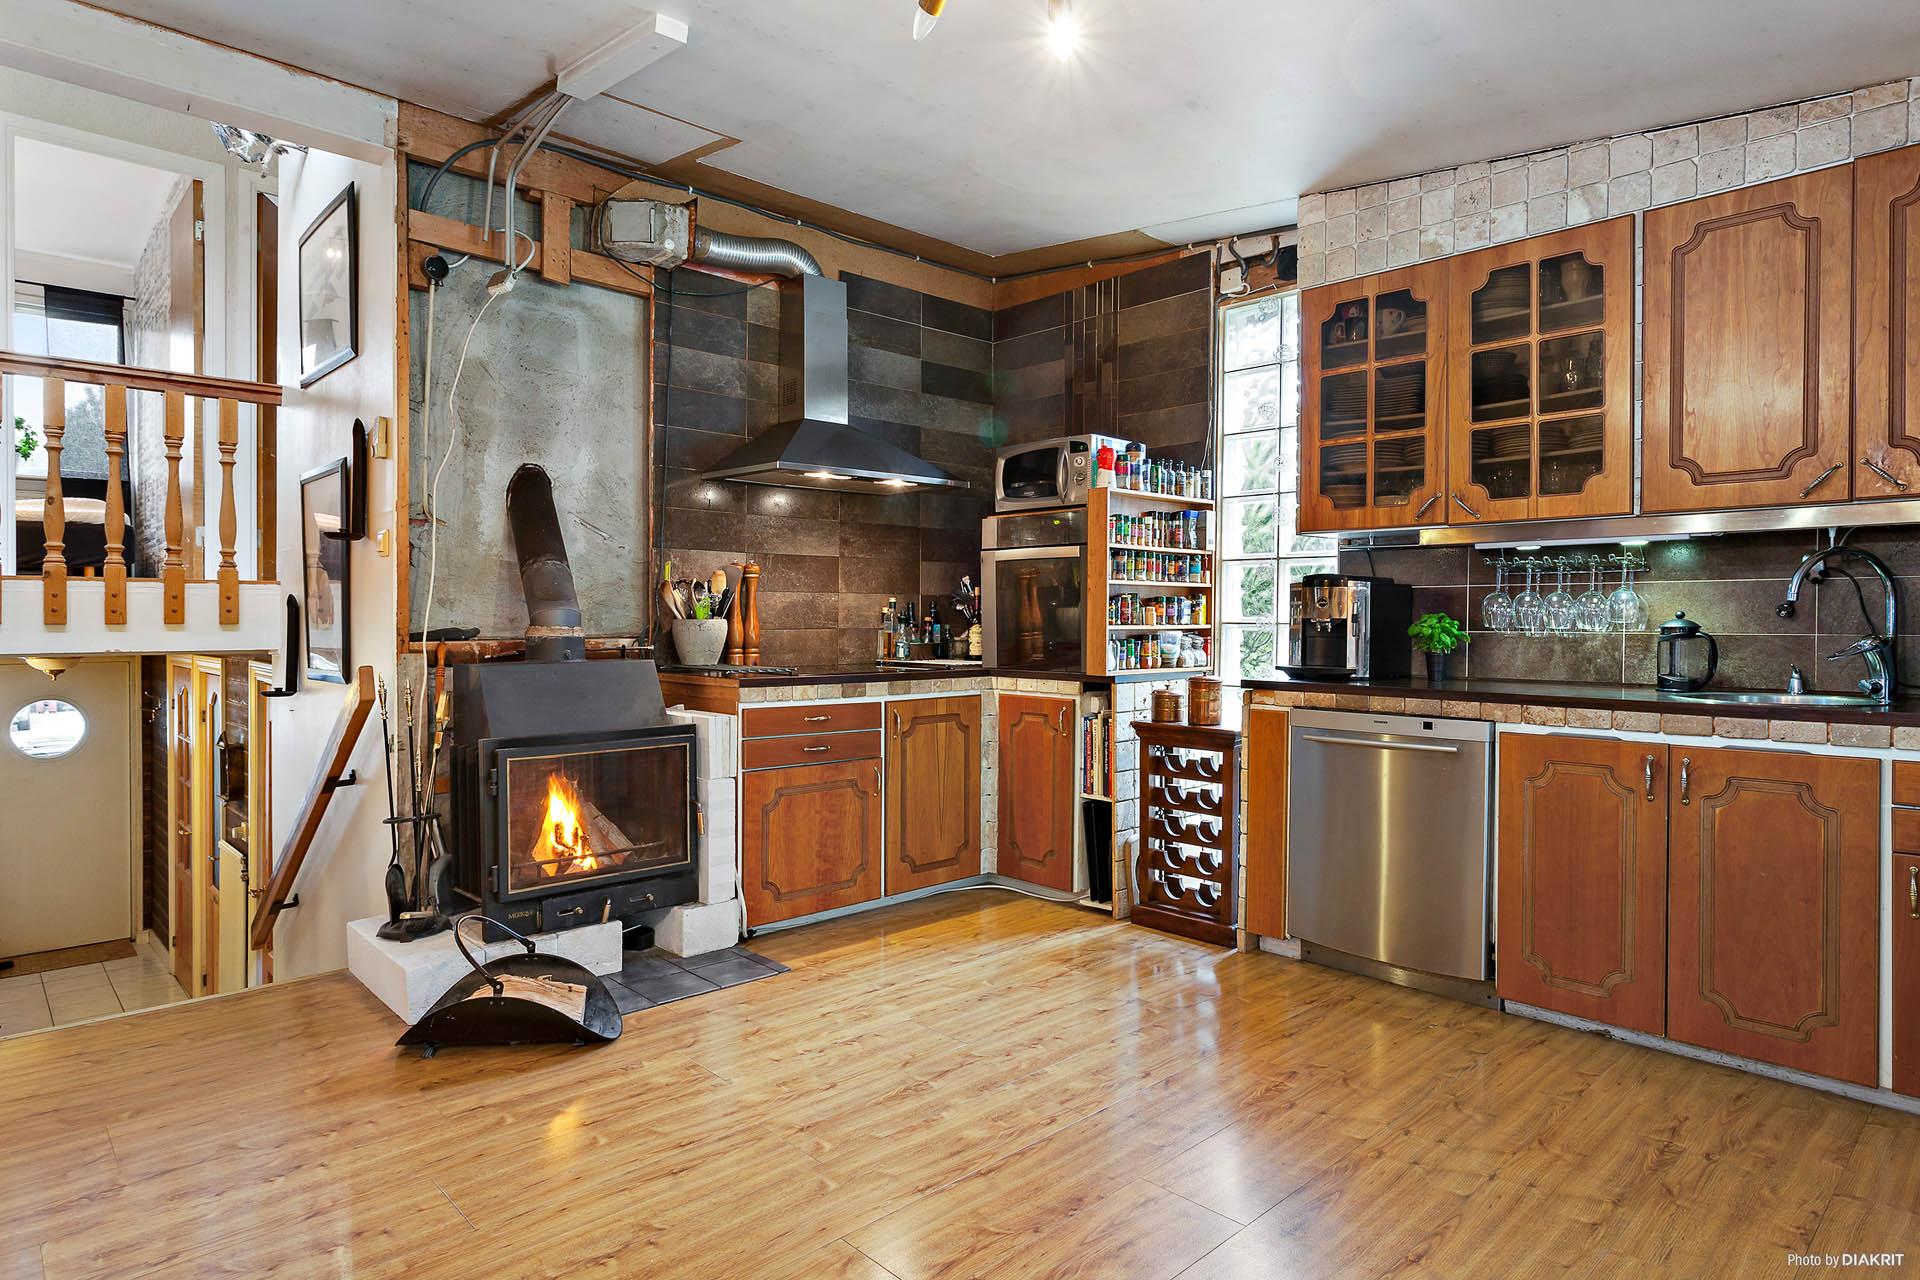 Värmande braskamin i köket.